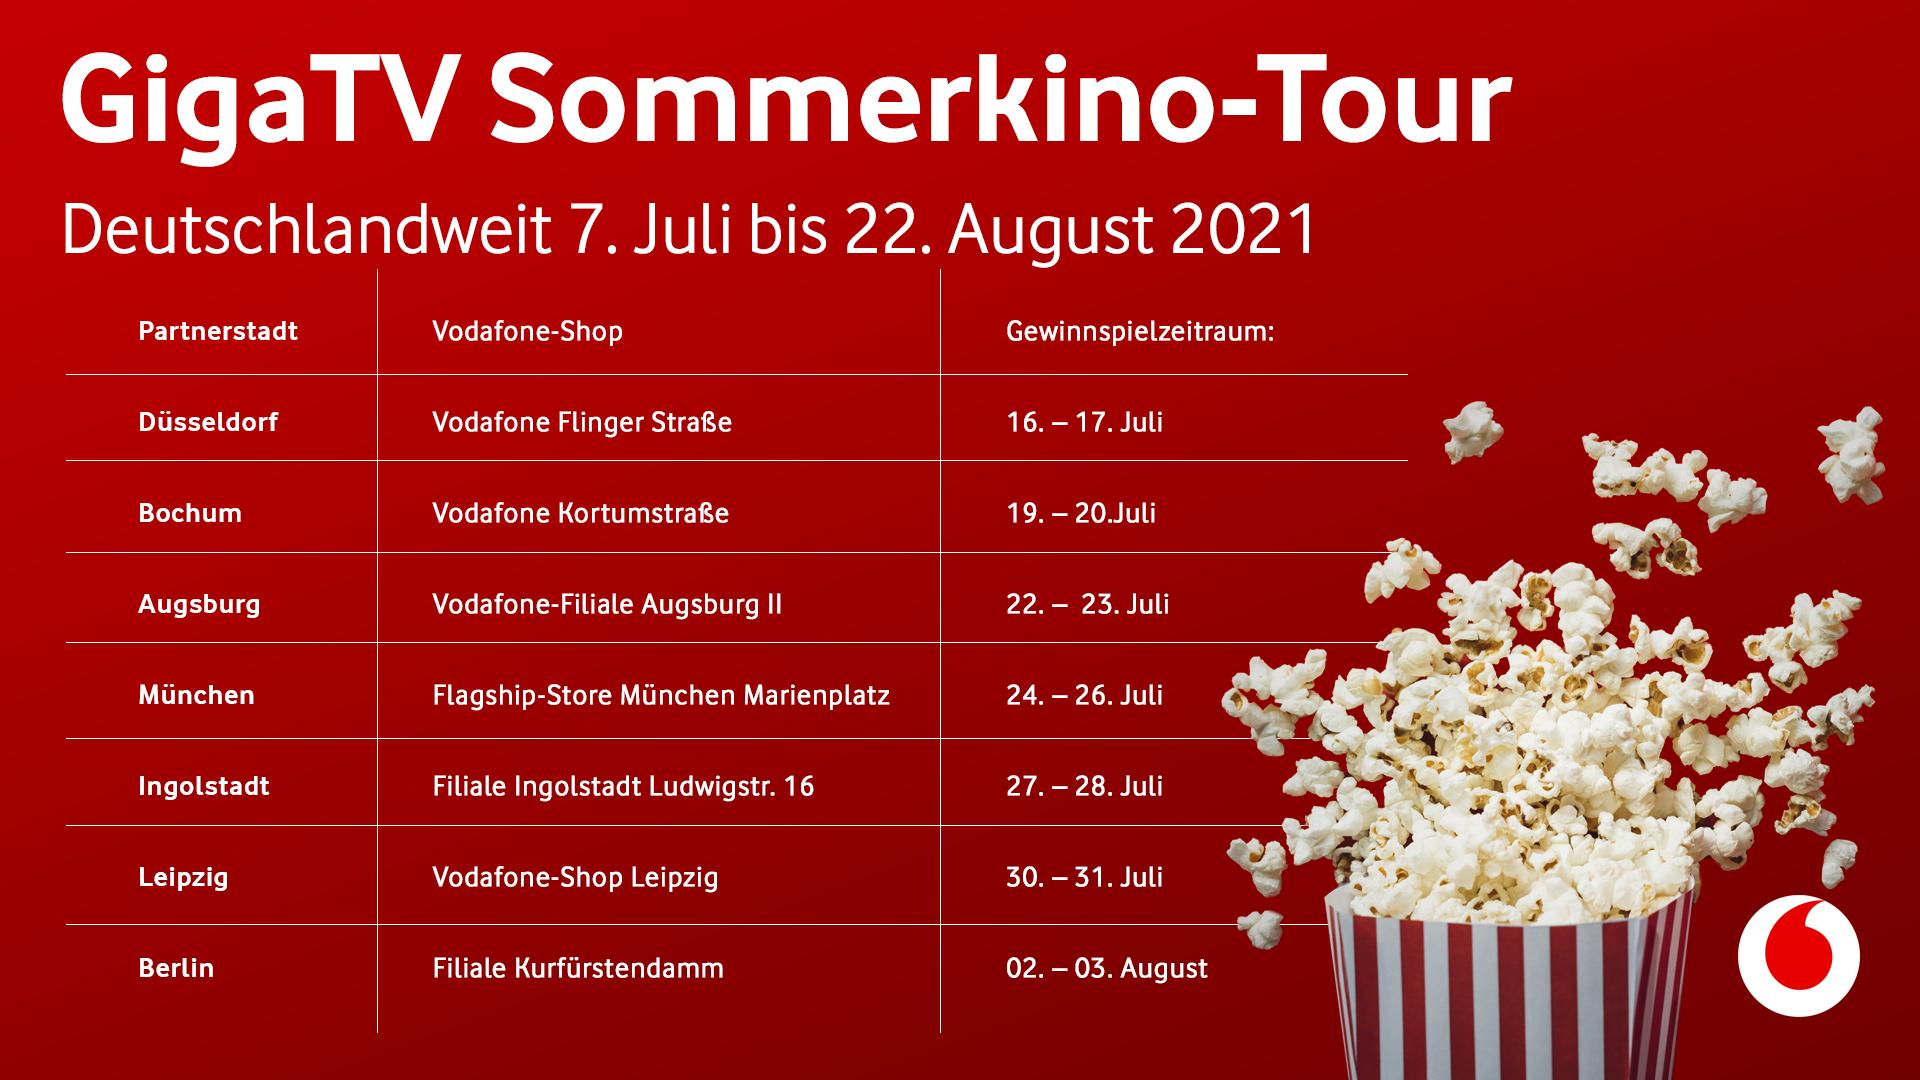 GigaTV Sommerkino-Tour Ticket-Übersicht